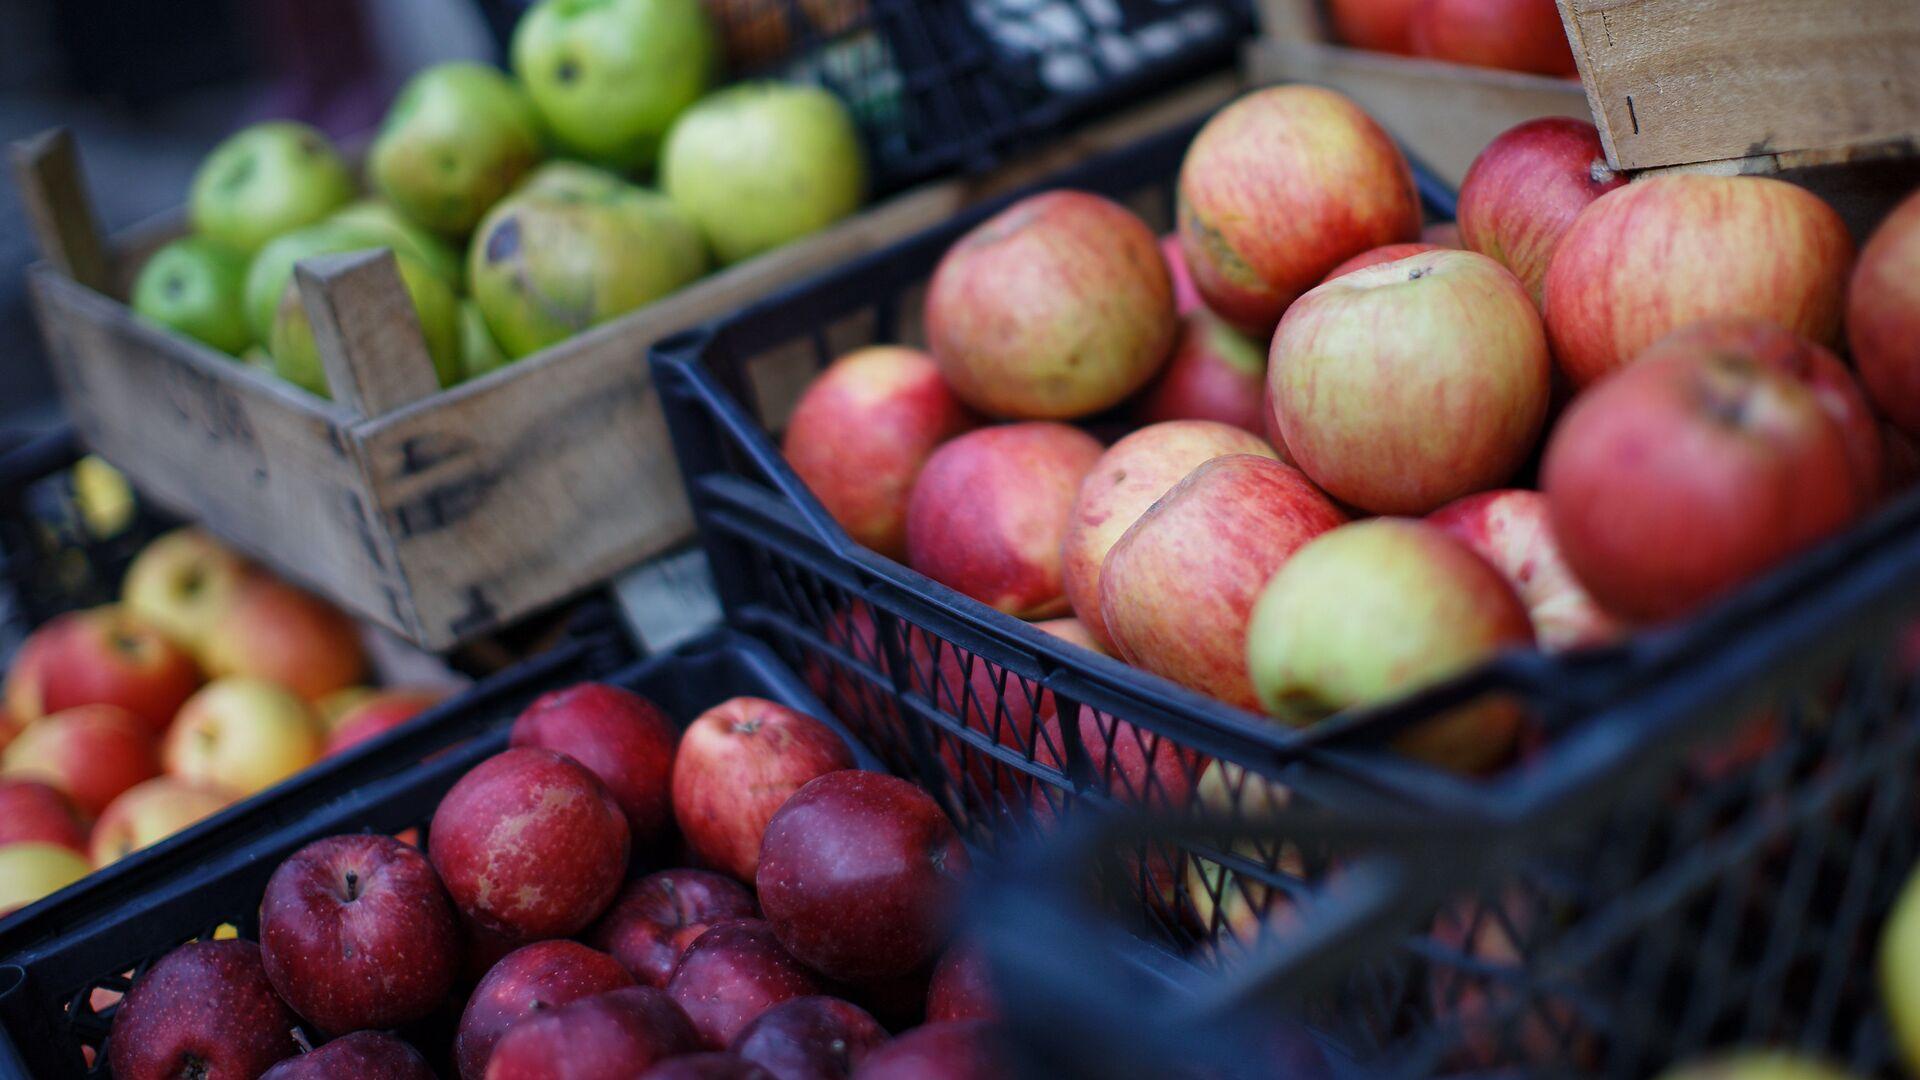 Грузинские яблоки в ящиках - уличная торговля - Sputnik Грузия, 1920, 23.09.2021